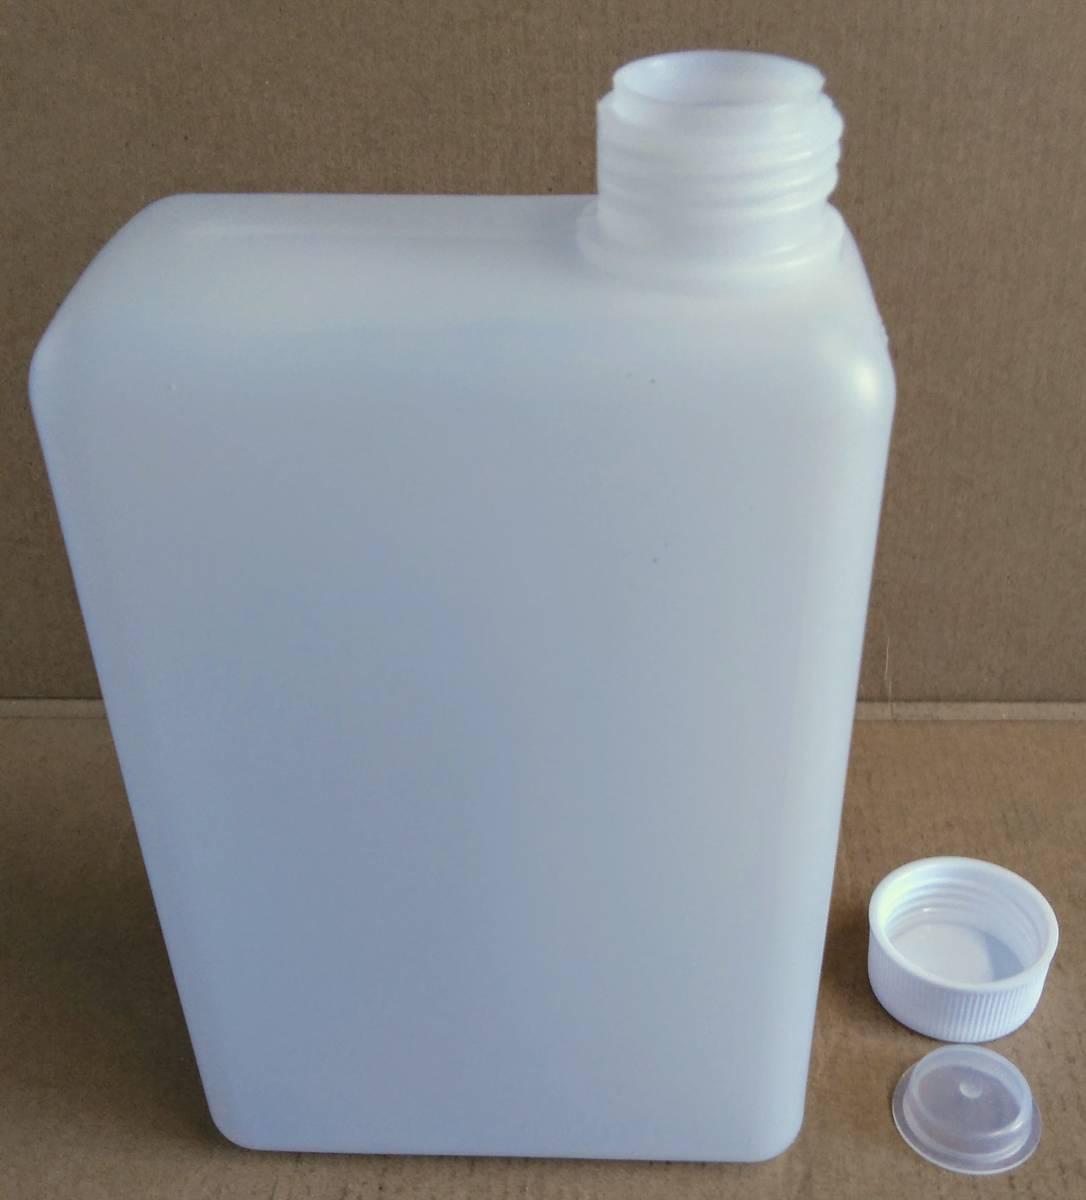 ポリエチレン製 空容器 1L 角型規格瓶 耐薬品性 各種小分け 詰め替え容器 詰め替えボトル 目盛付き_画像2